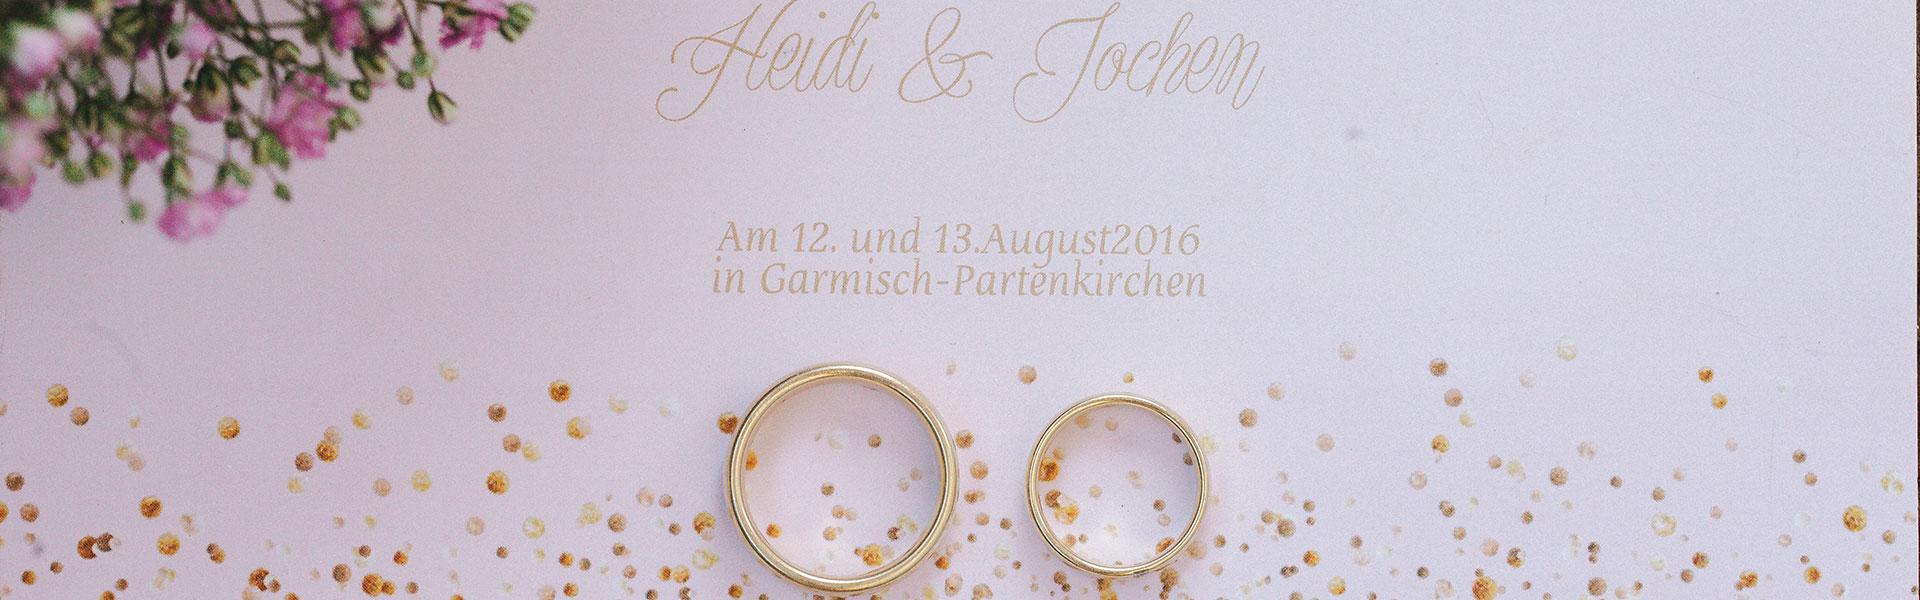 Hochzeitseinladung von Heidi und Jochen, ehemaliges Brautpaar von 4 weddings & events by Uschi Glas